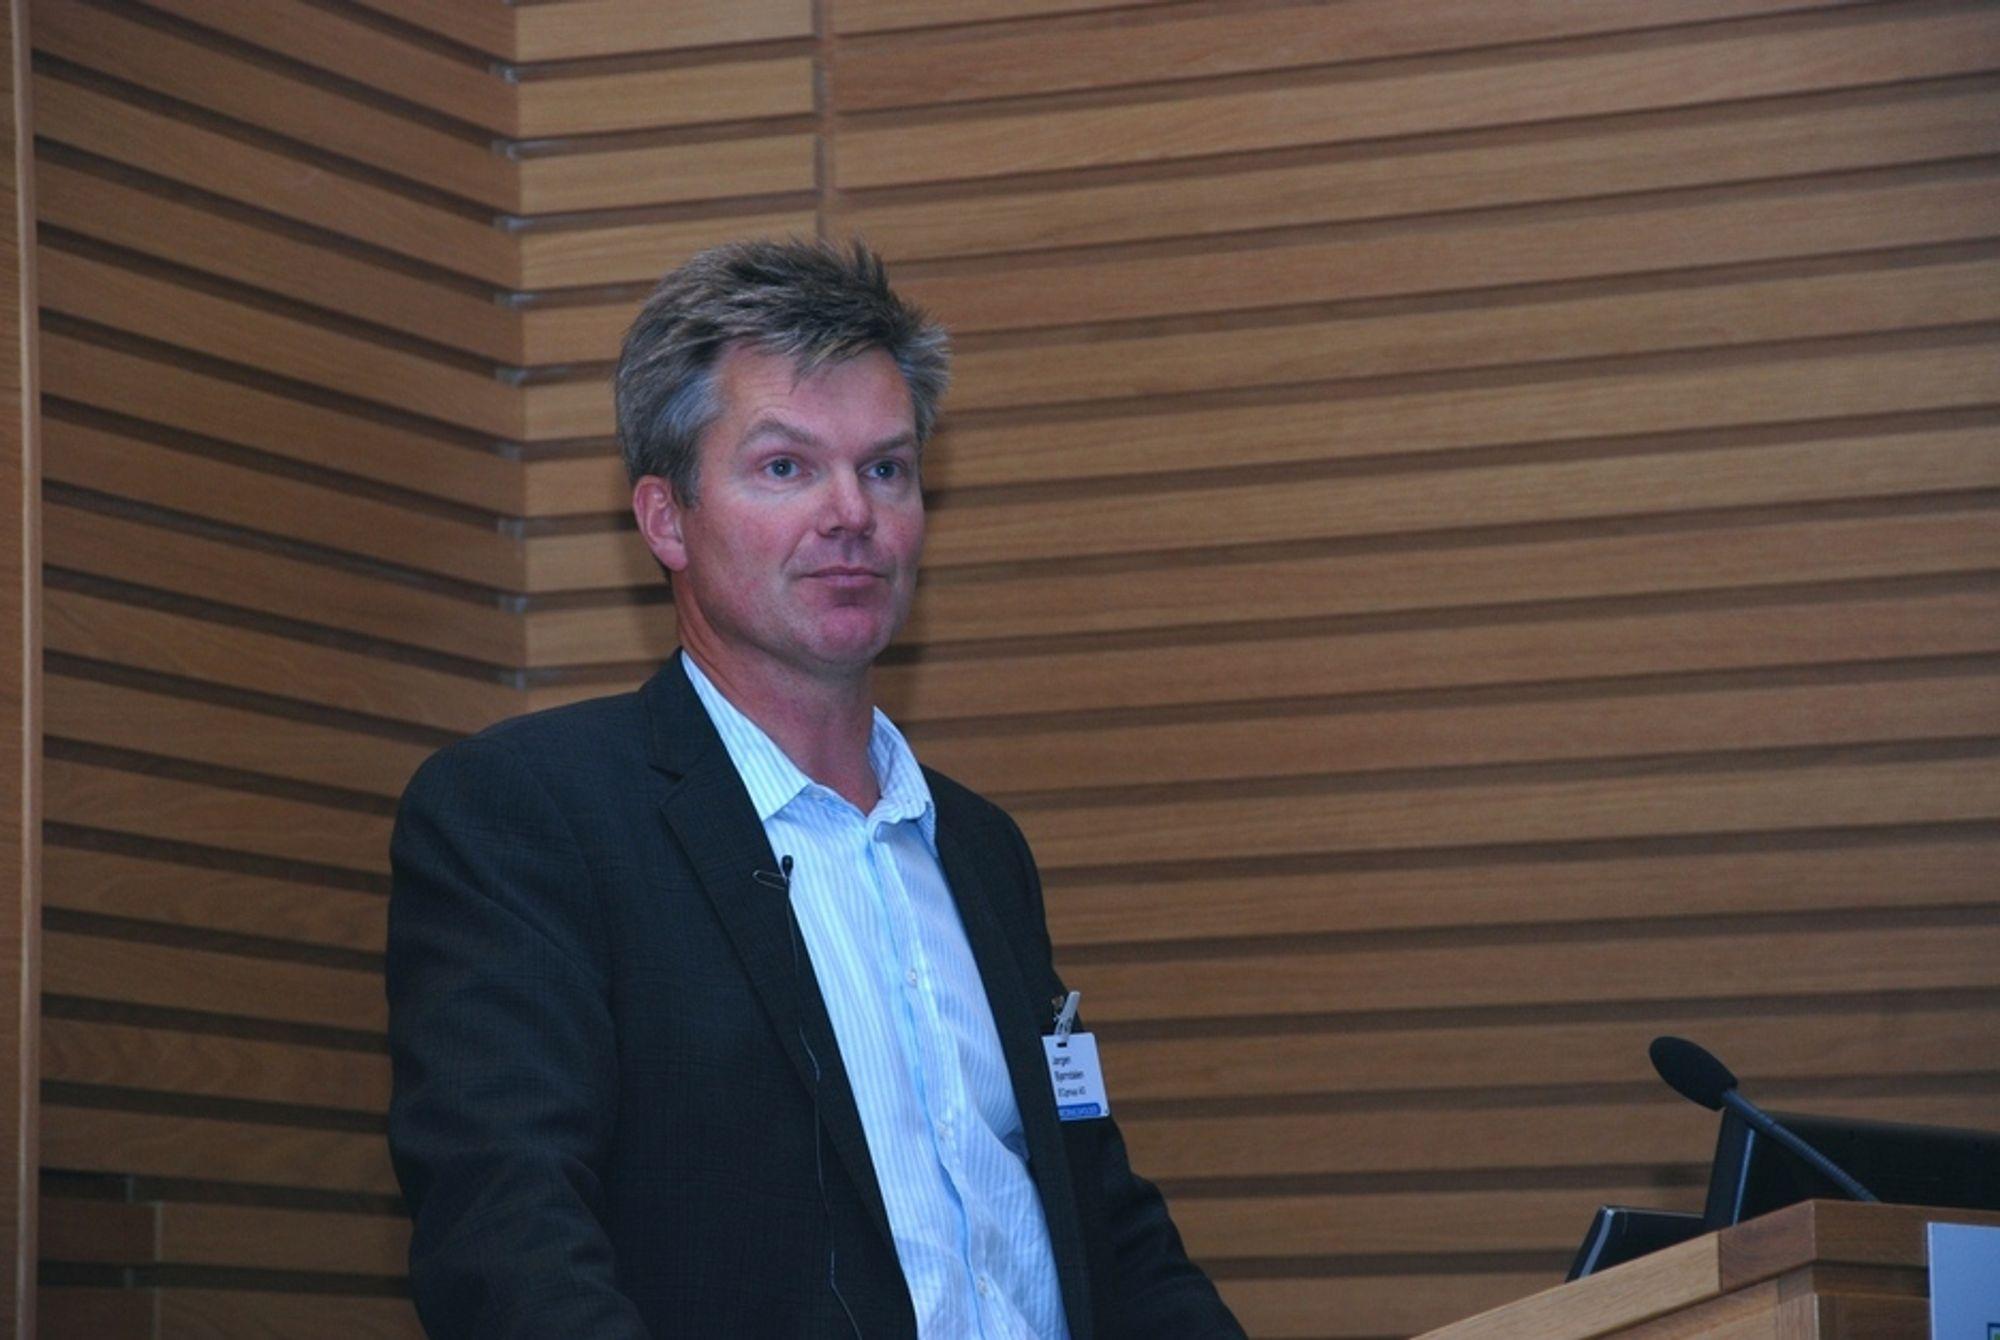 KALD VIND I BLODET: Siviløkonom og rådgiver Jørgen Bjørndalen kom torsdag med fem grunner til å glemme vindkraften. Per i dag er det mye som gjør norsk vindkraft enormt dyr, mener han.